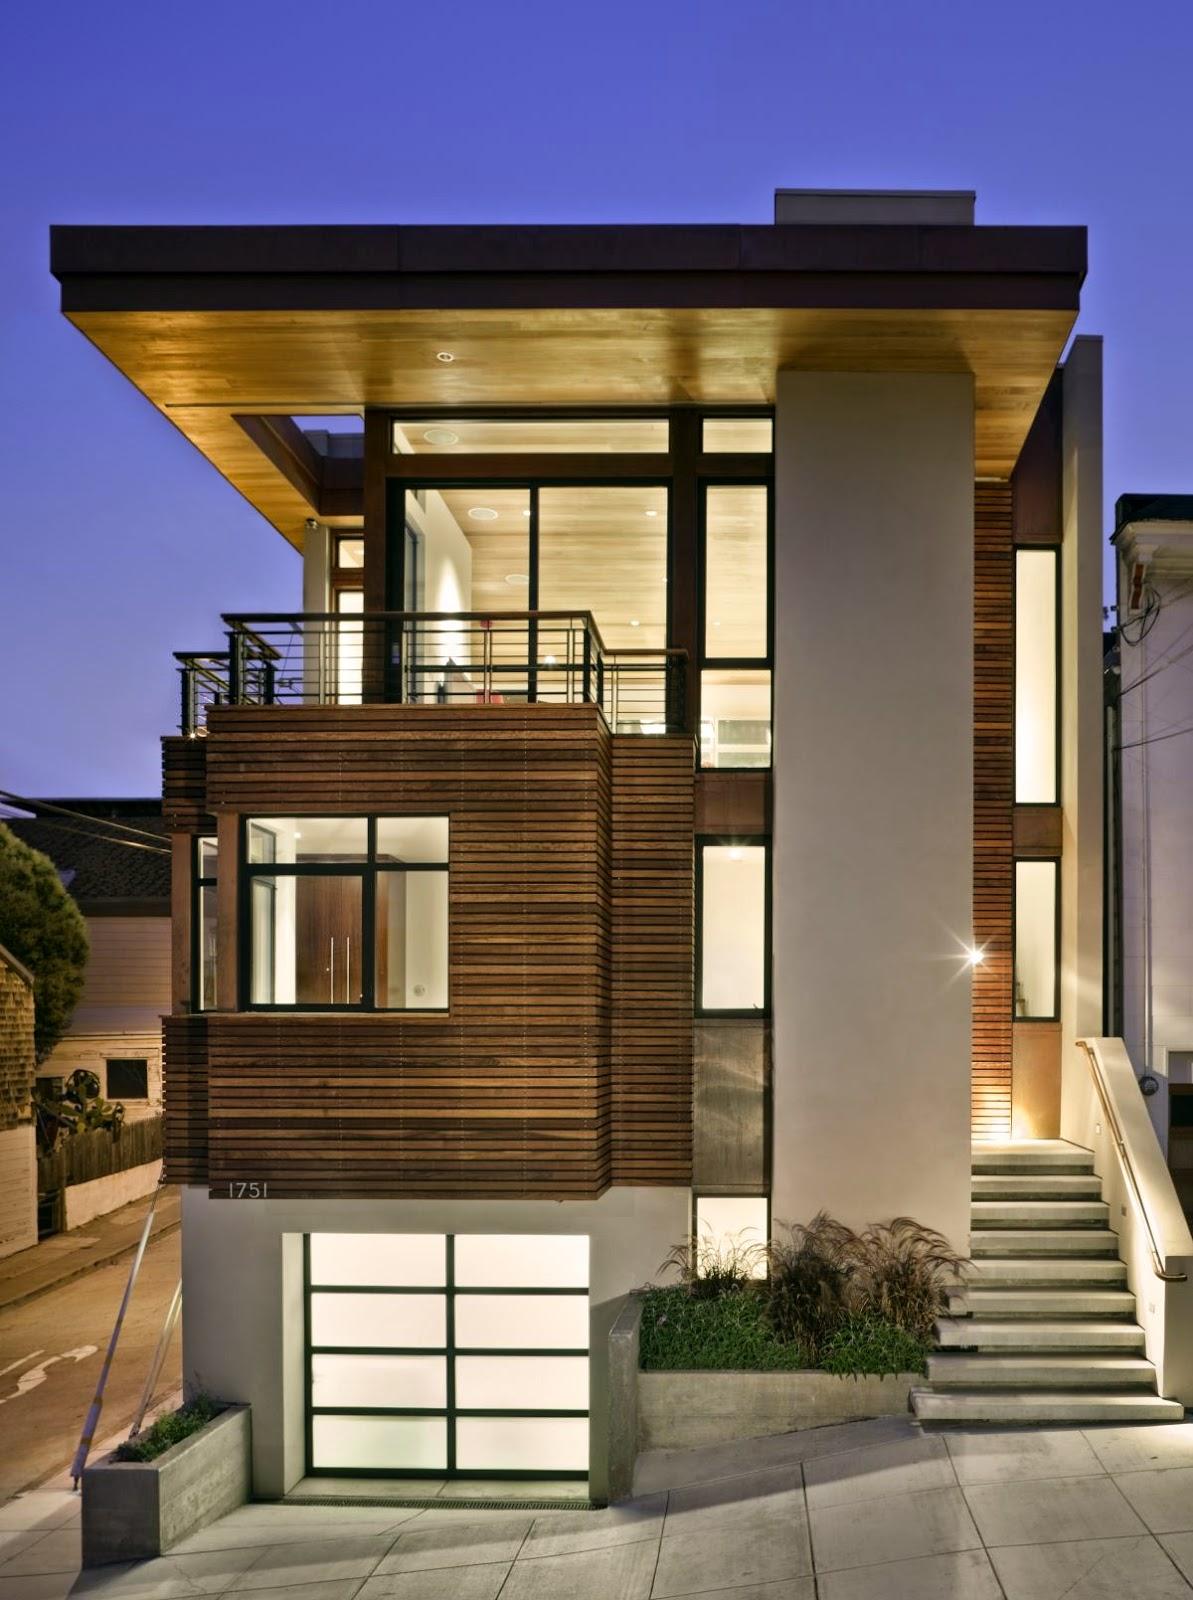 62 Desain Rumah Minimalis Kontemporer Desain Rumah Minimalis Terbaru